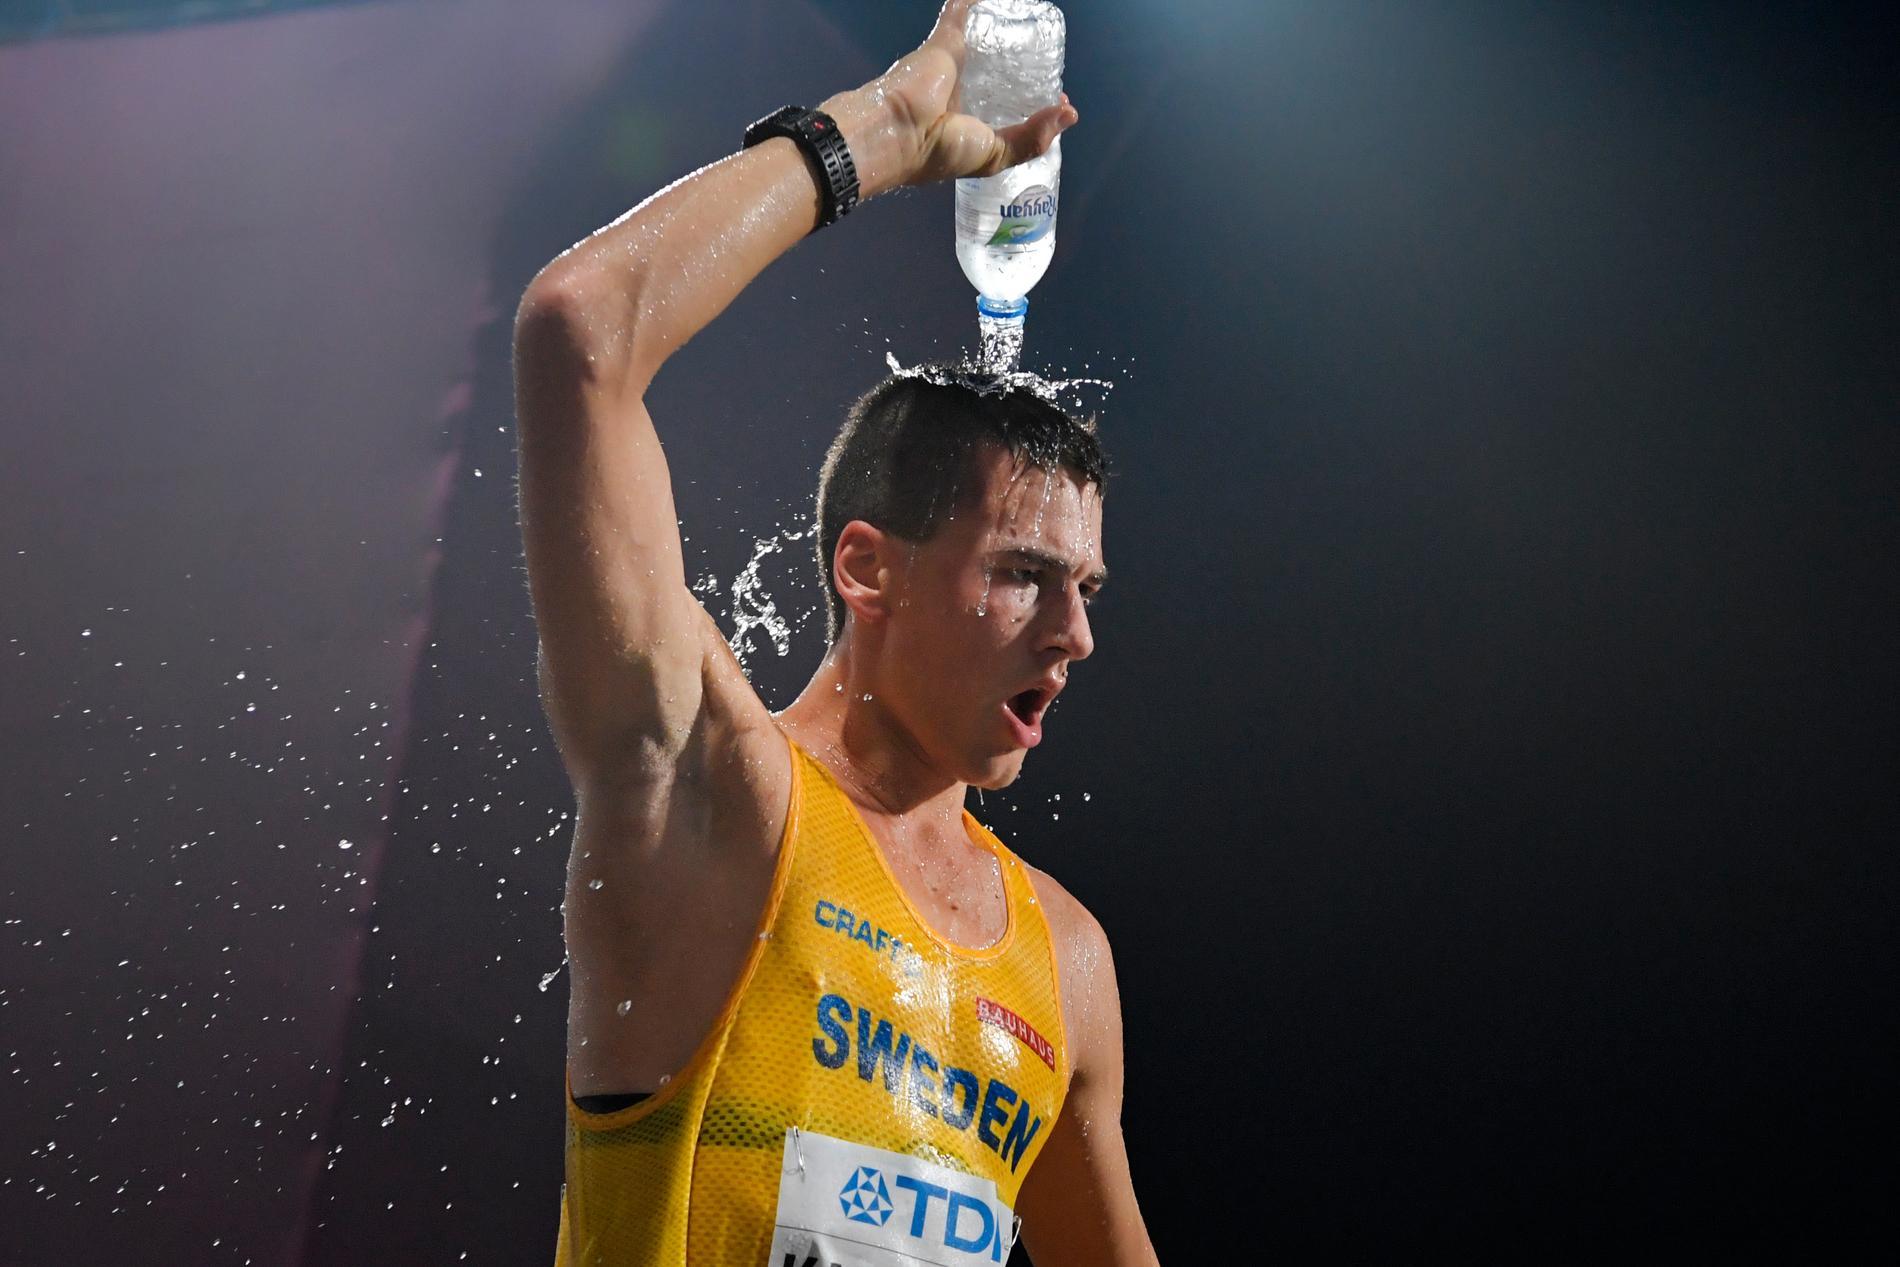 Gångaren Perseus Karlström svalkar sig med vatten när han tog VM-brons 2019 i Doha. Arkivbild.